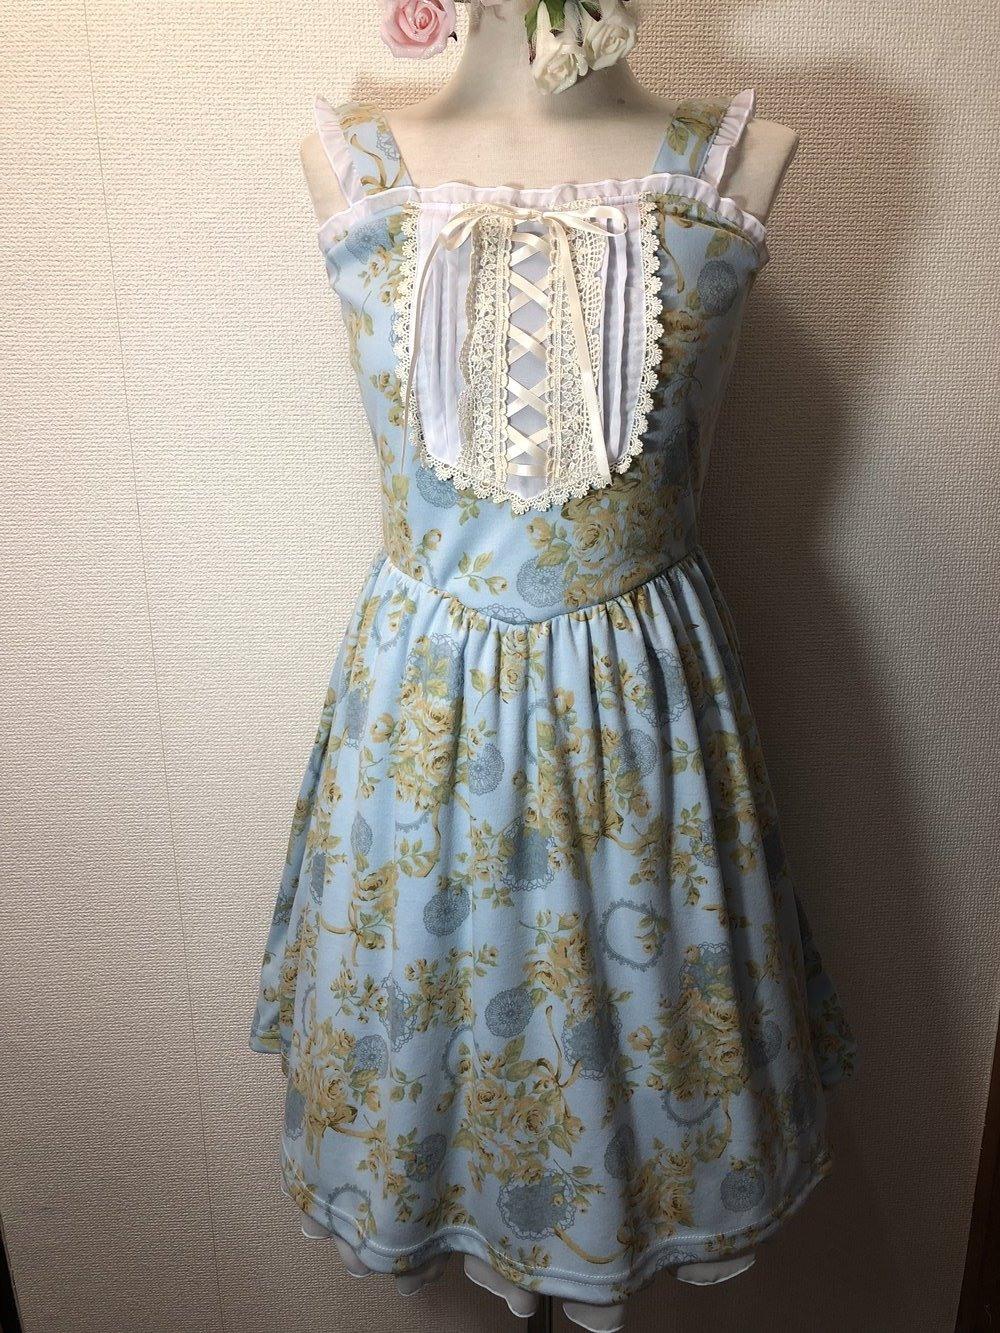 13 Wunderbar Kleid Hellblau Spitze Bester Preis17 Großartig Kleid Hellblau Spitze Ärmel